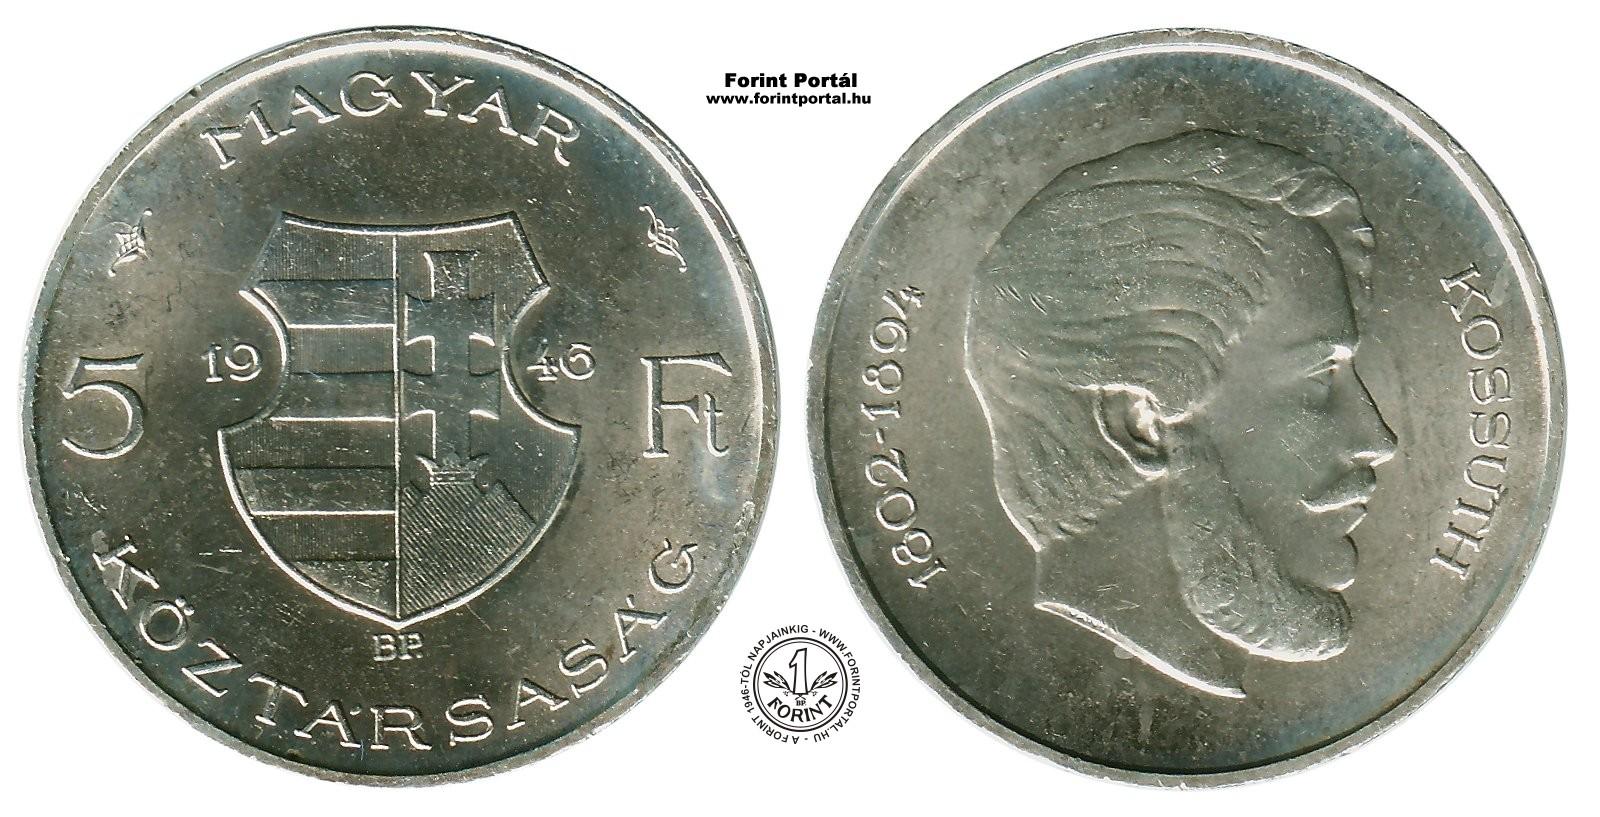 http://www.forintportal.hu/forint/5_forint/www_forintportal_hu_1946_5_forint.jpg